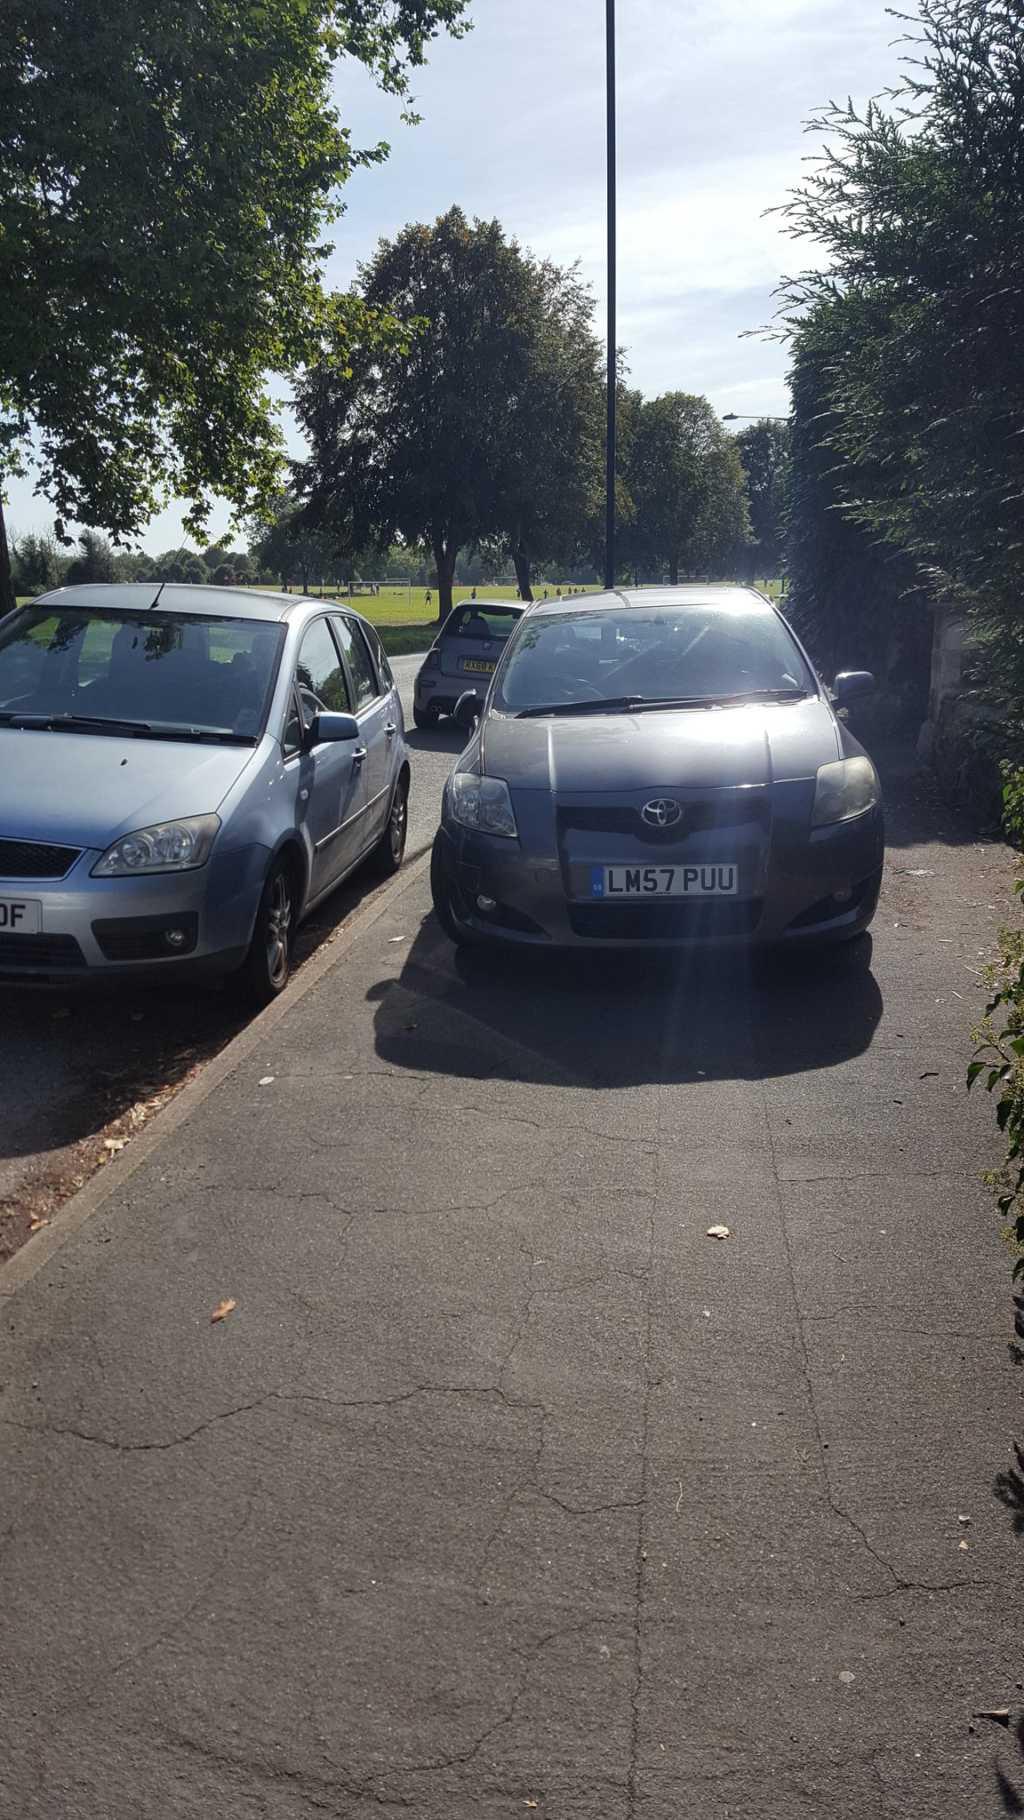 LM57 PUU displaying Selfish Parking